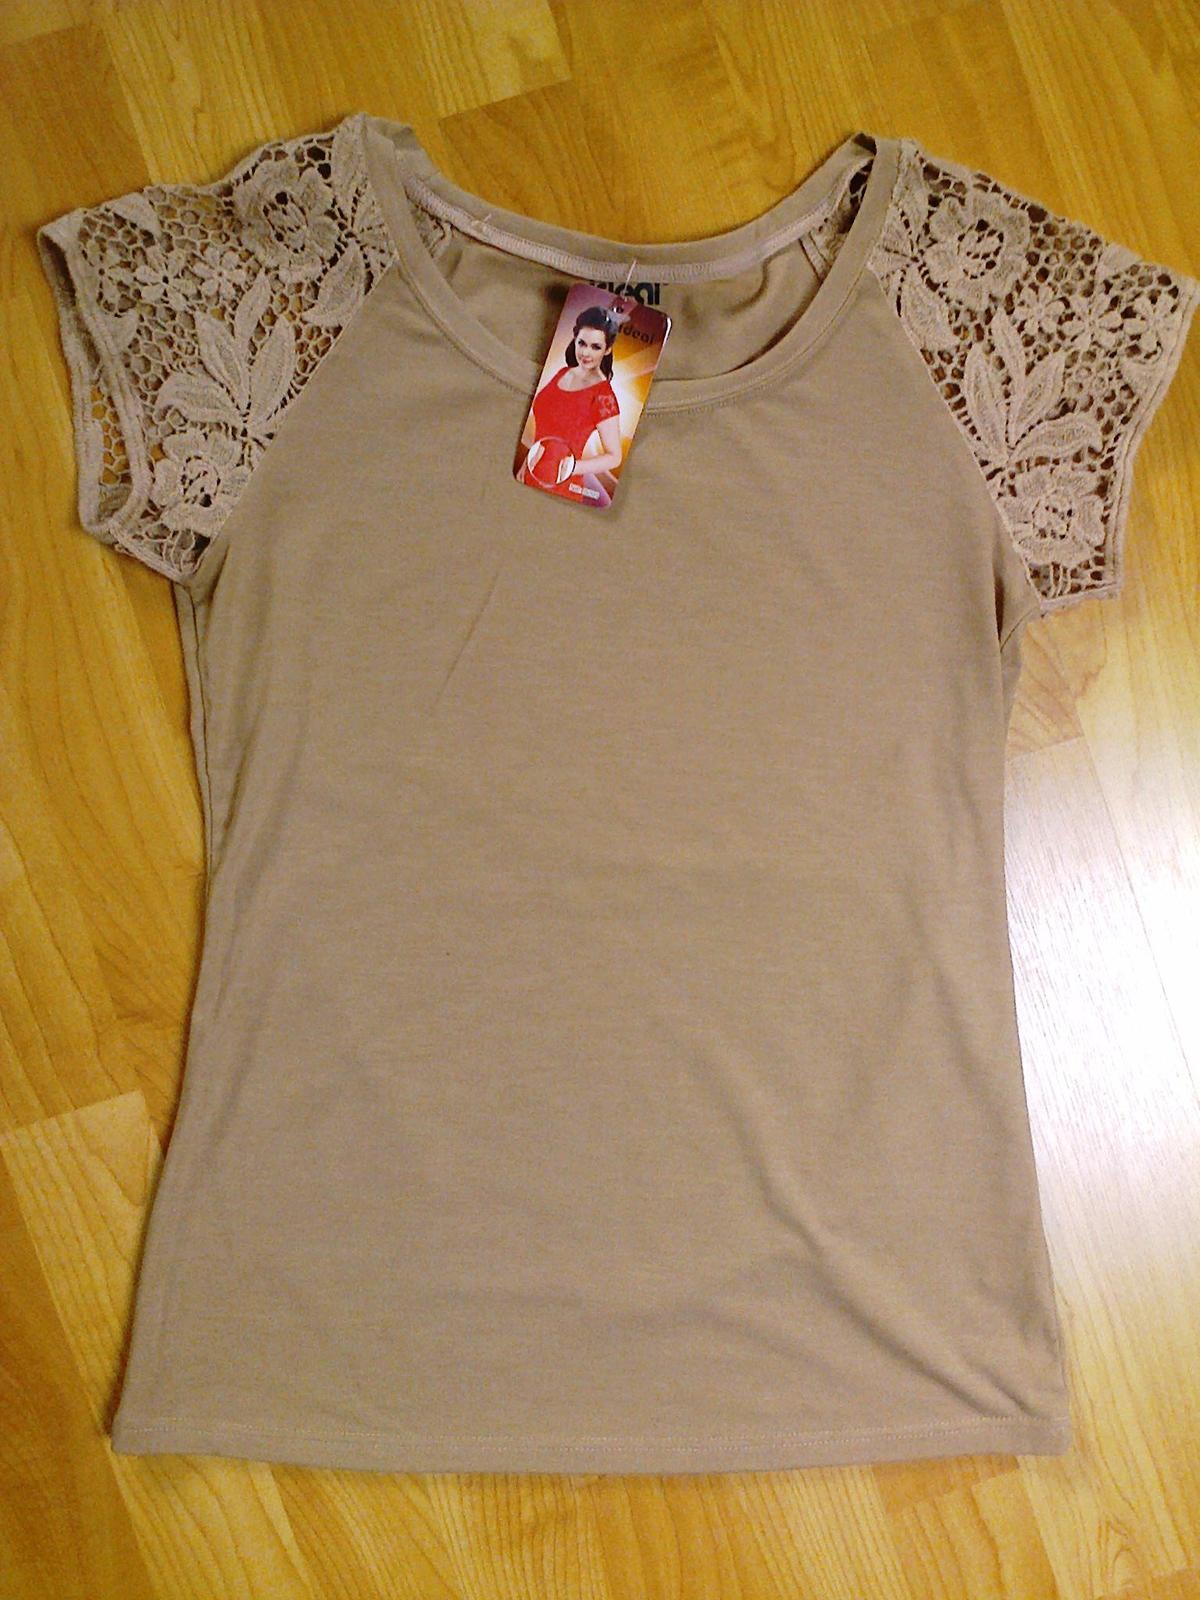 Tričko s krajkovými rukávy - Obrázek č. 1